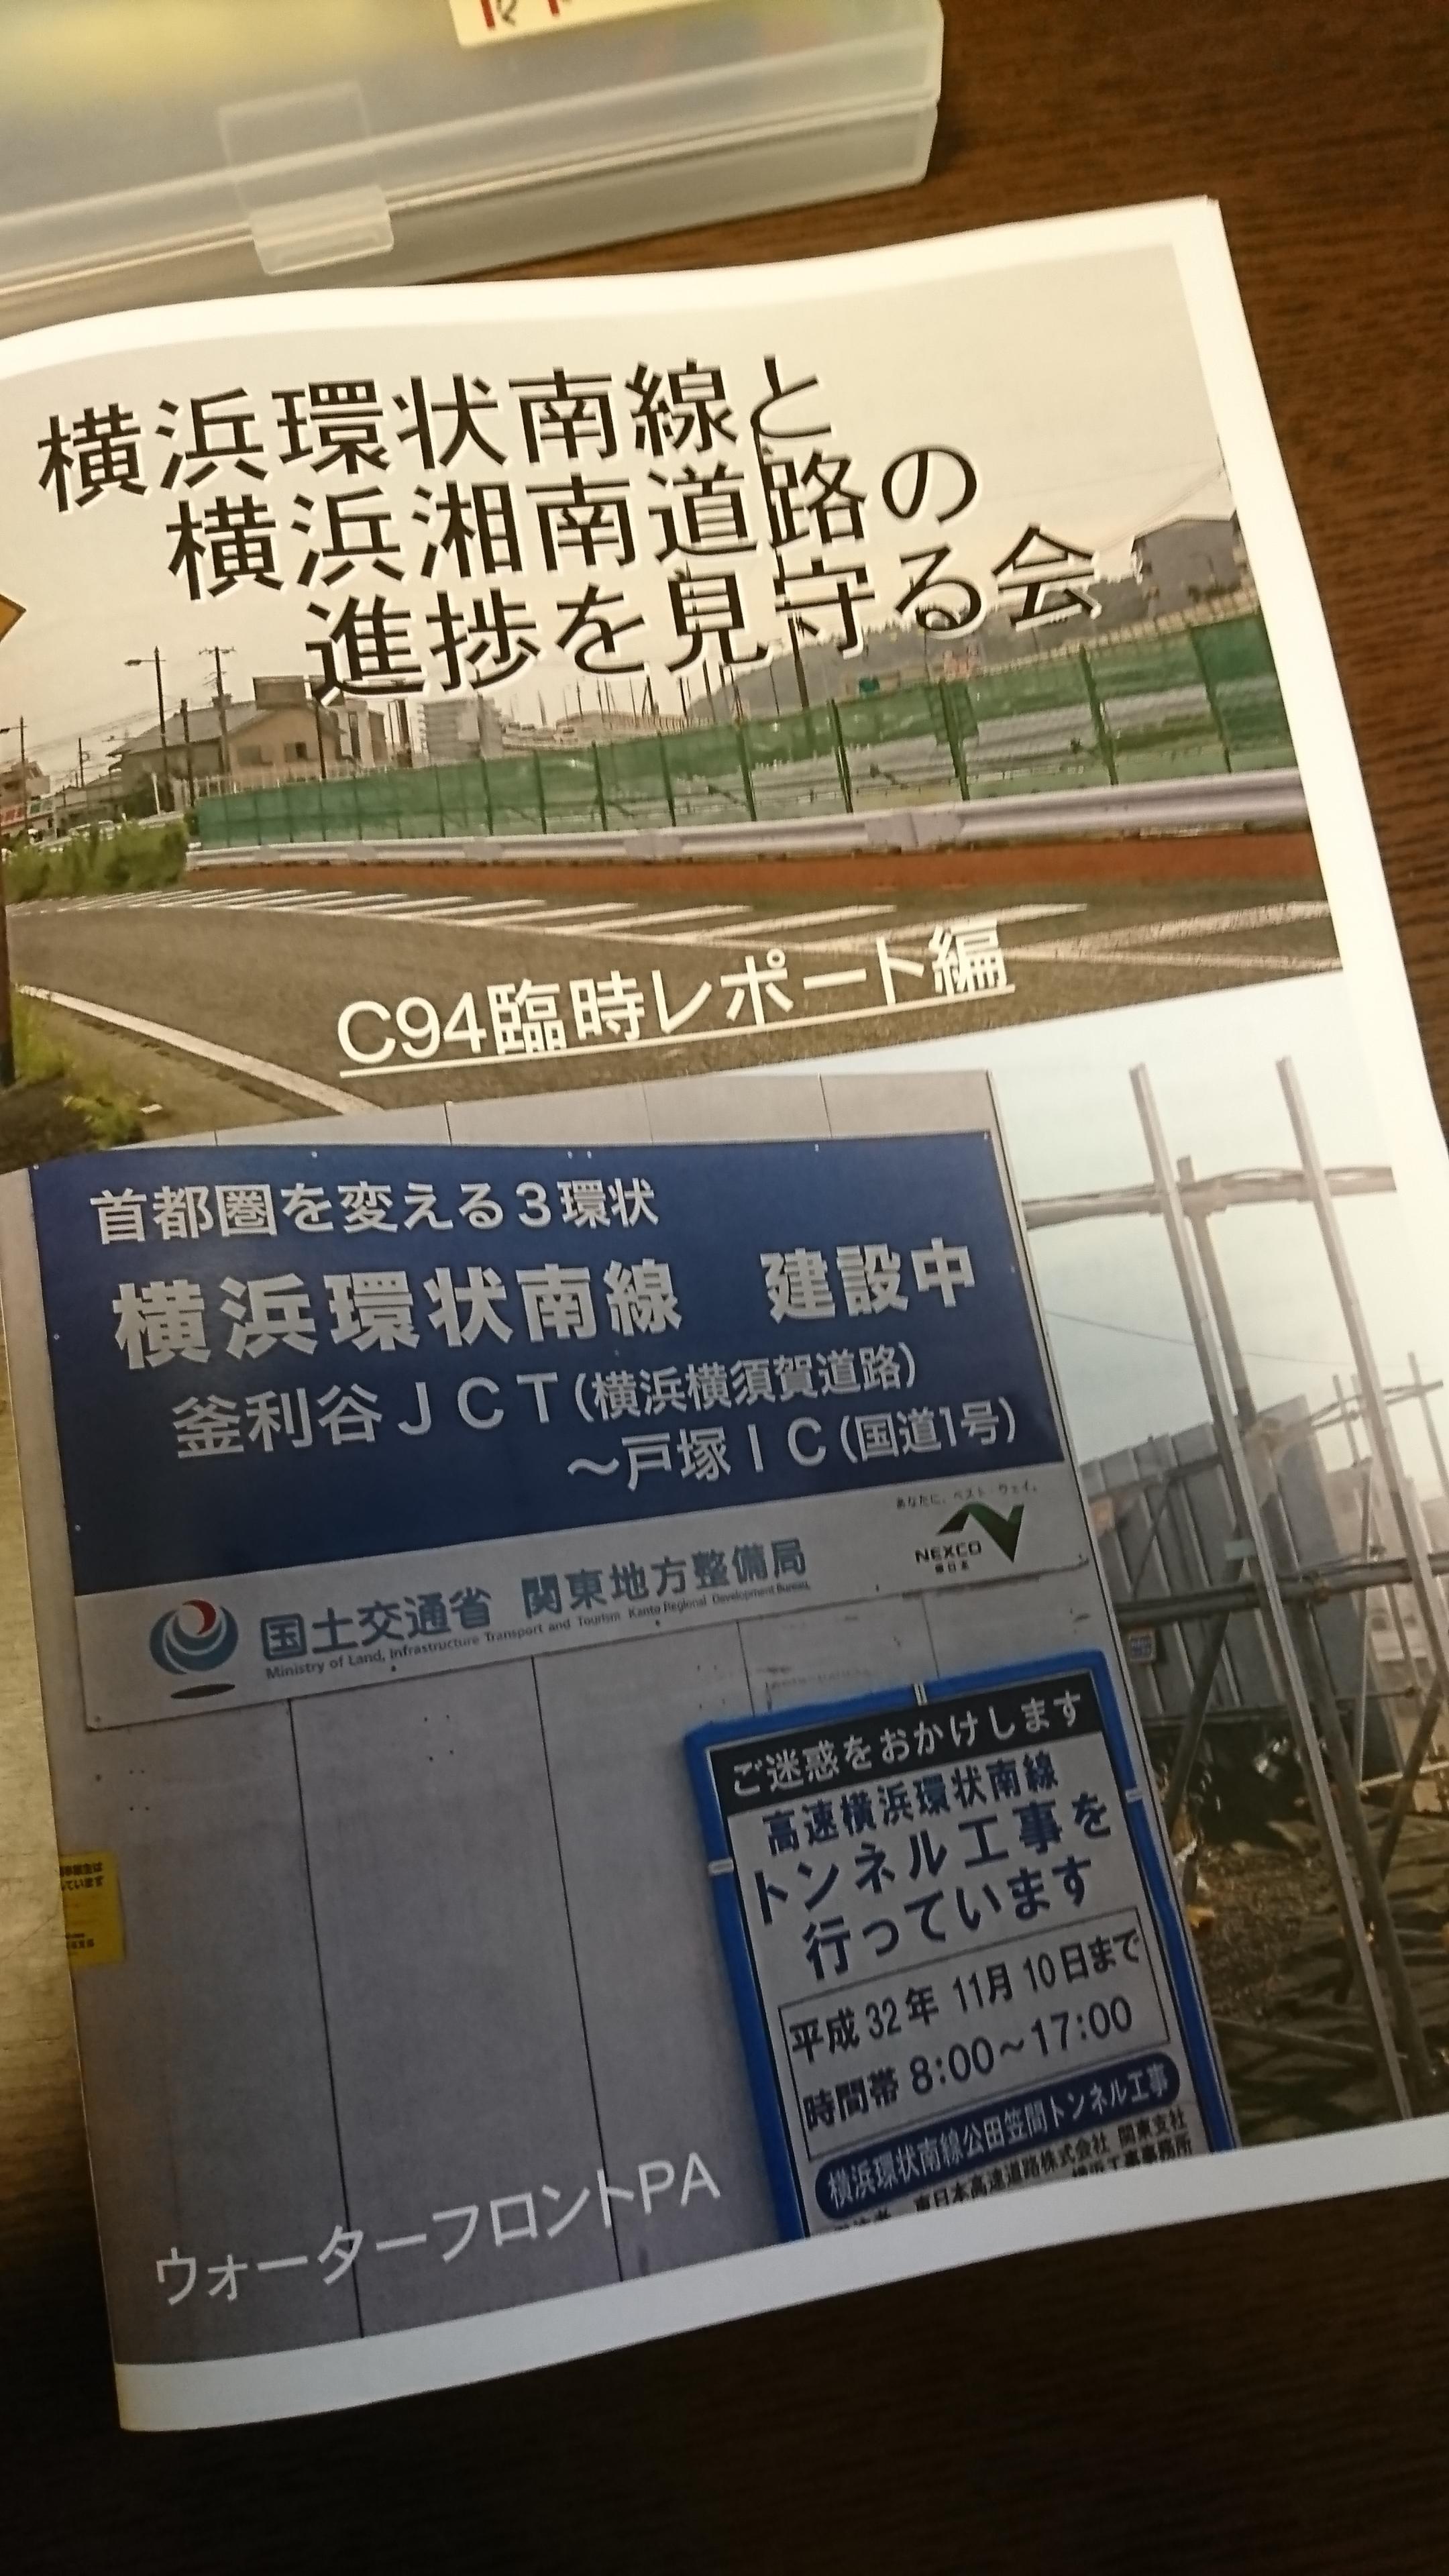 横浜環状南線と横浜湘南道路の進捗を見守る会 C94臨時レポート編 ウォーターフロントPA